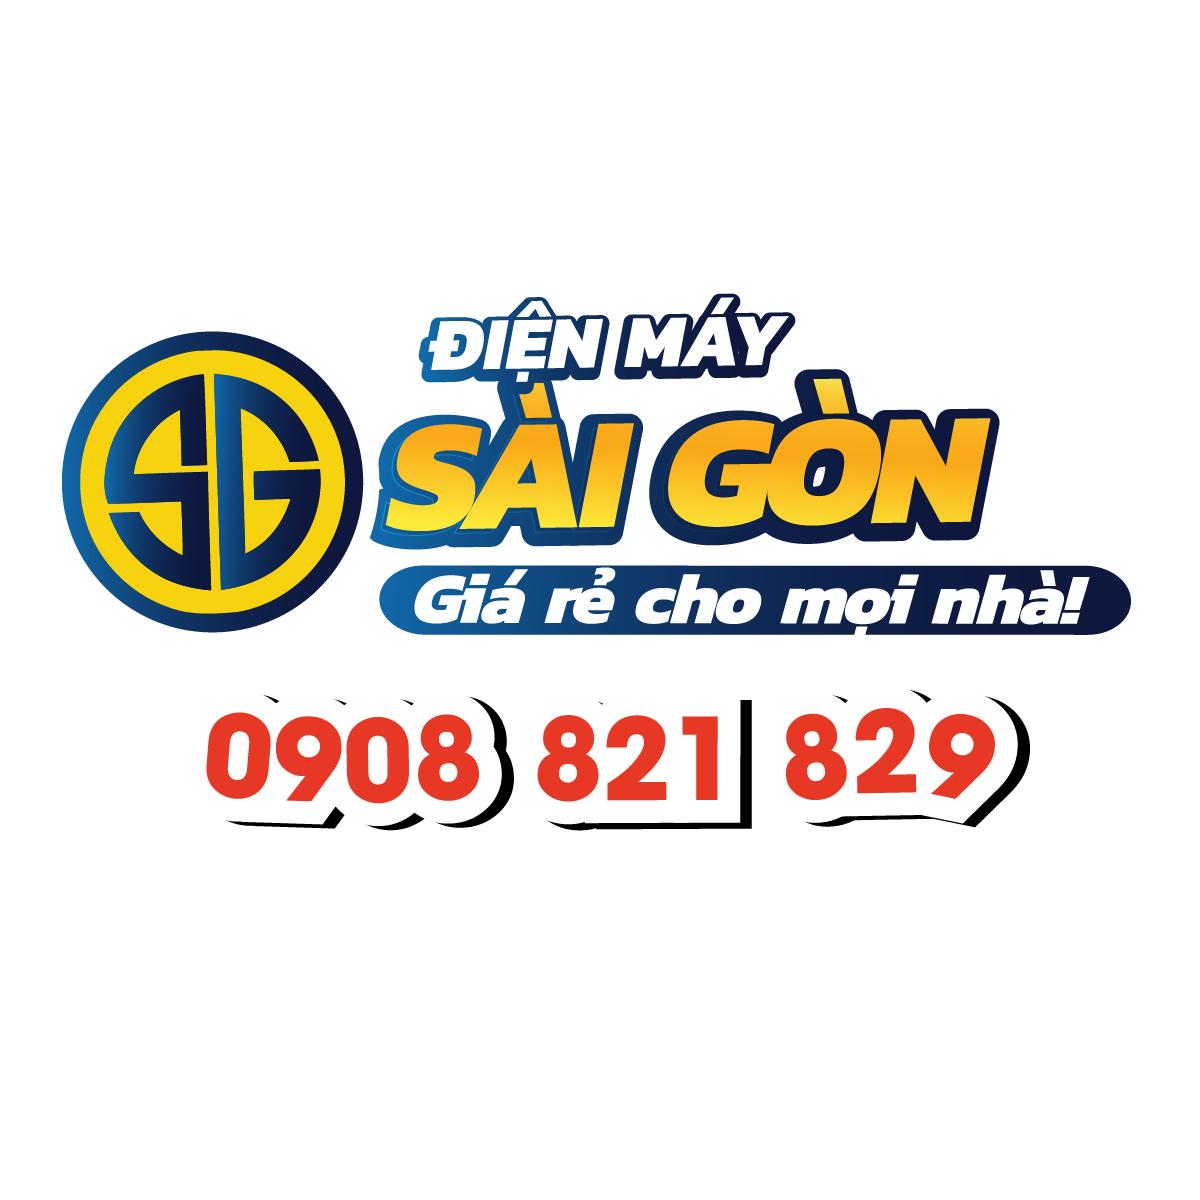 Cửa hàng điện máy Sài Gòn